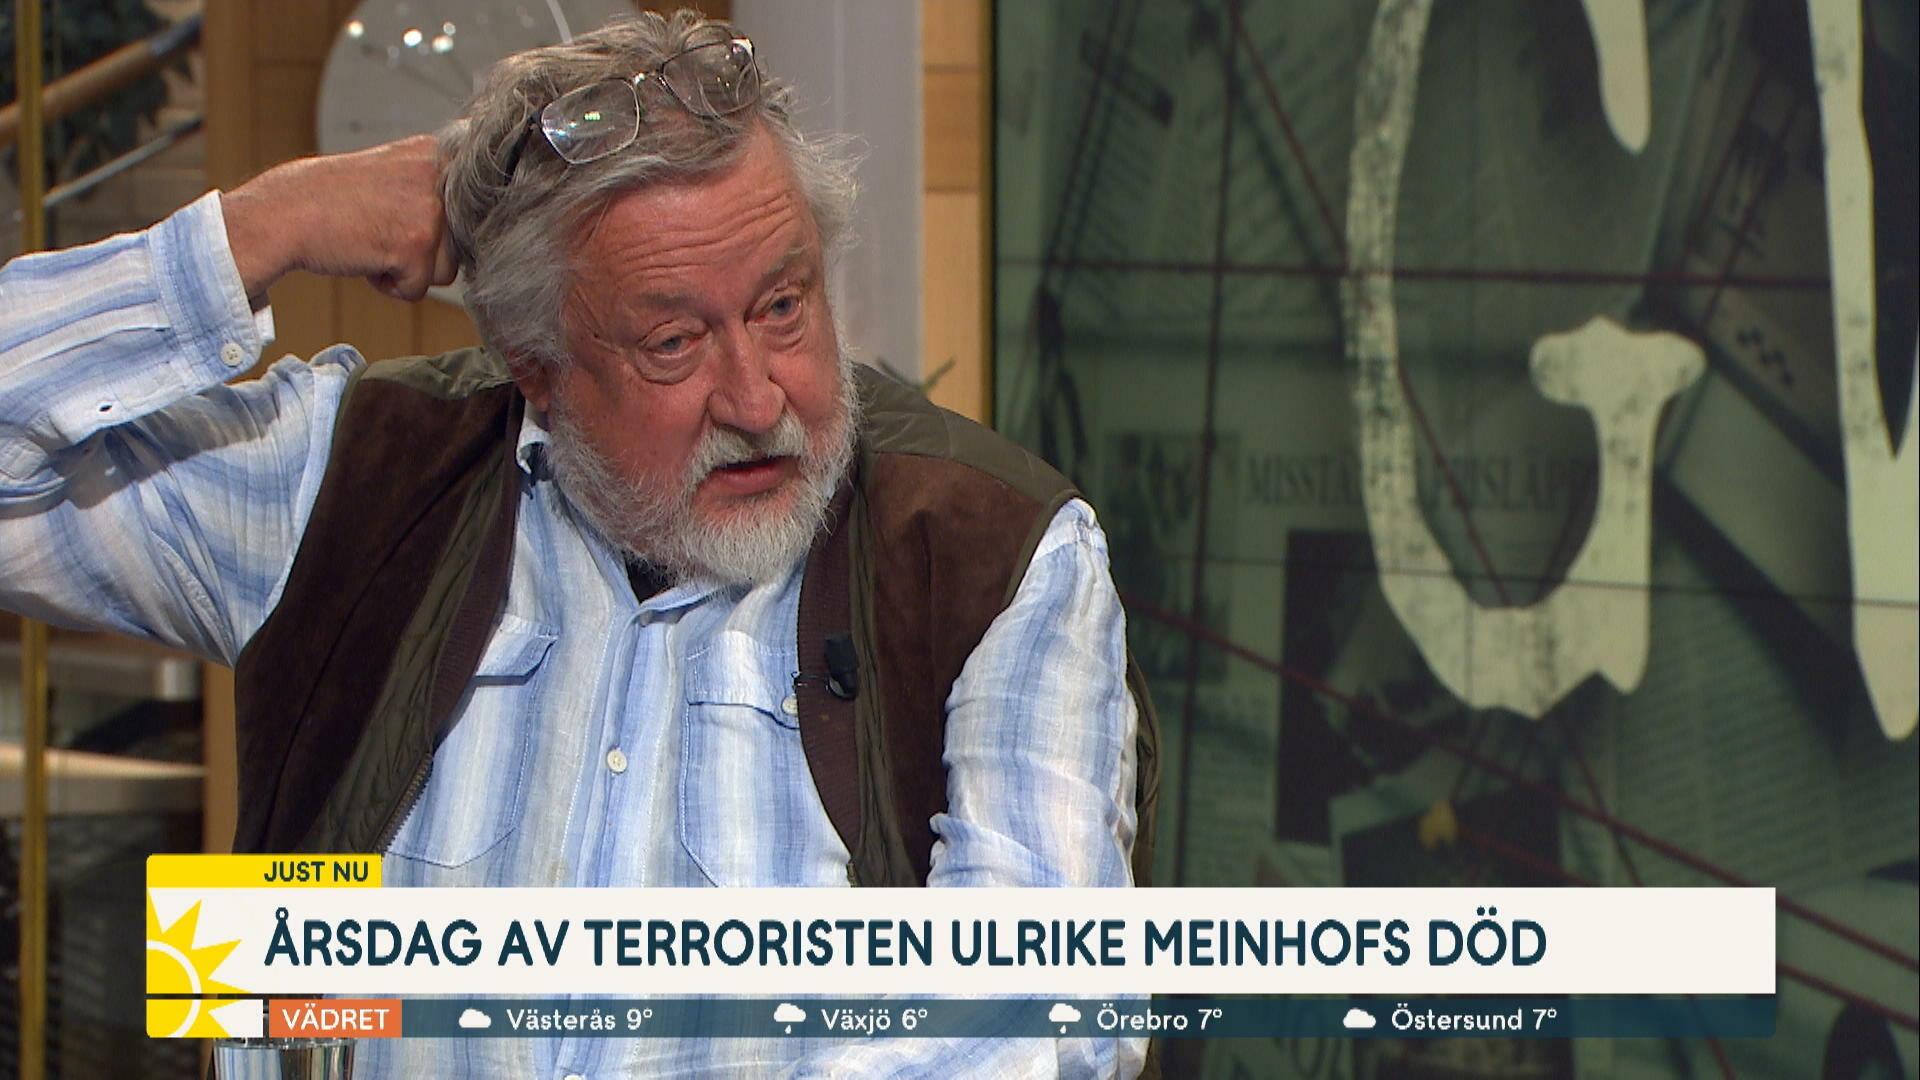 """45 år sedan Meinhof dog: """"Mystiska omständigheter kring fallet"""""""